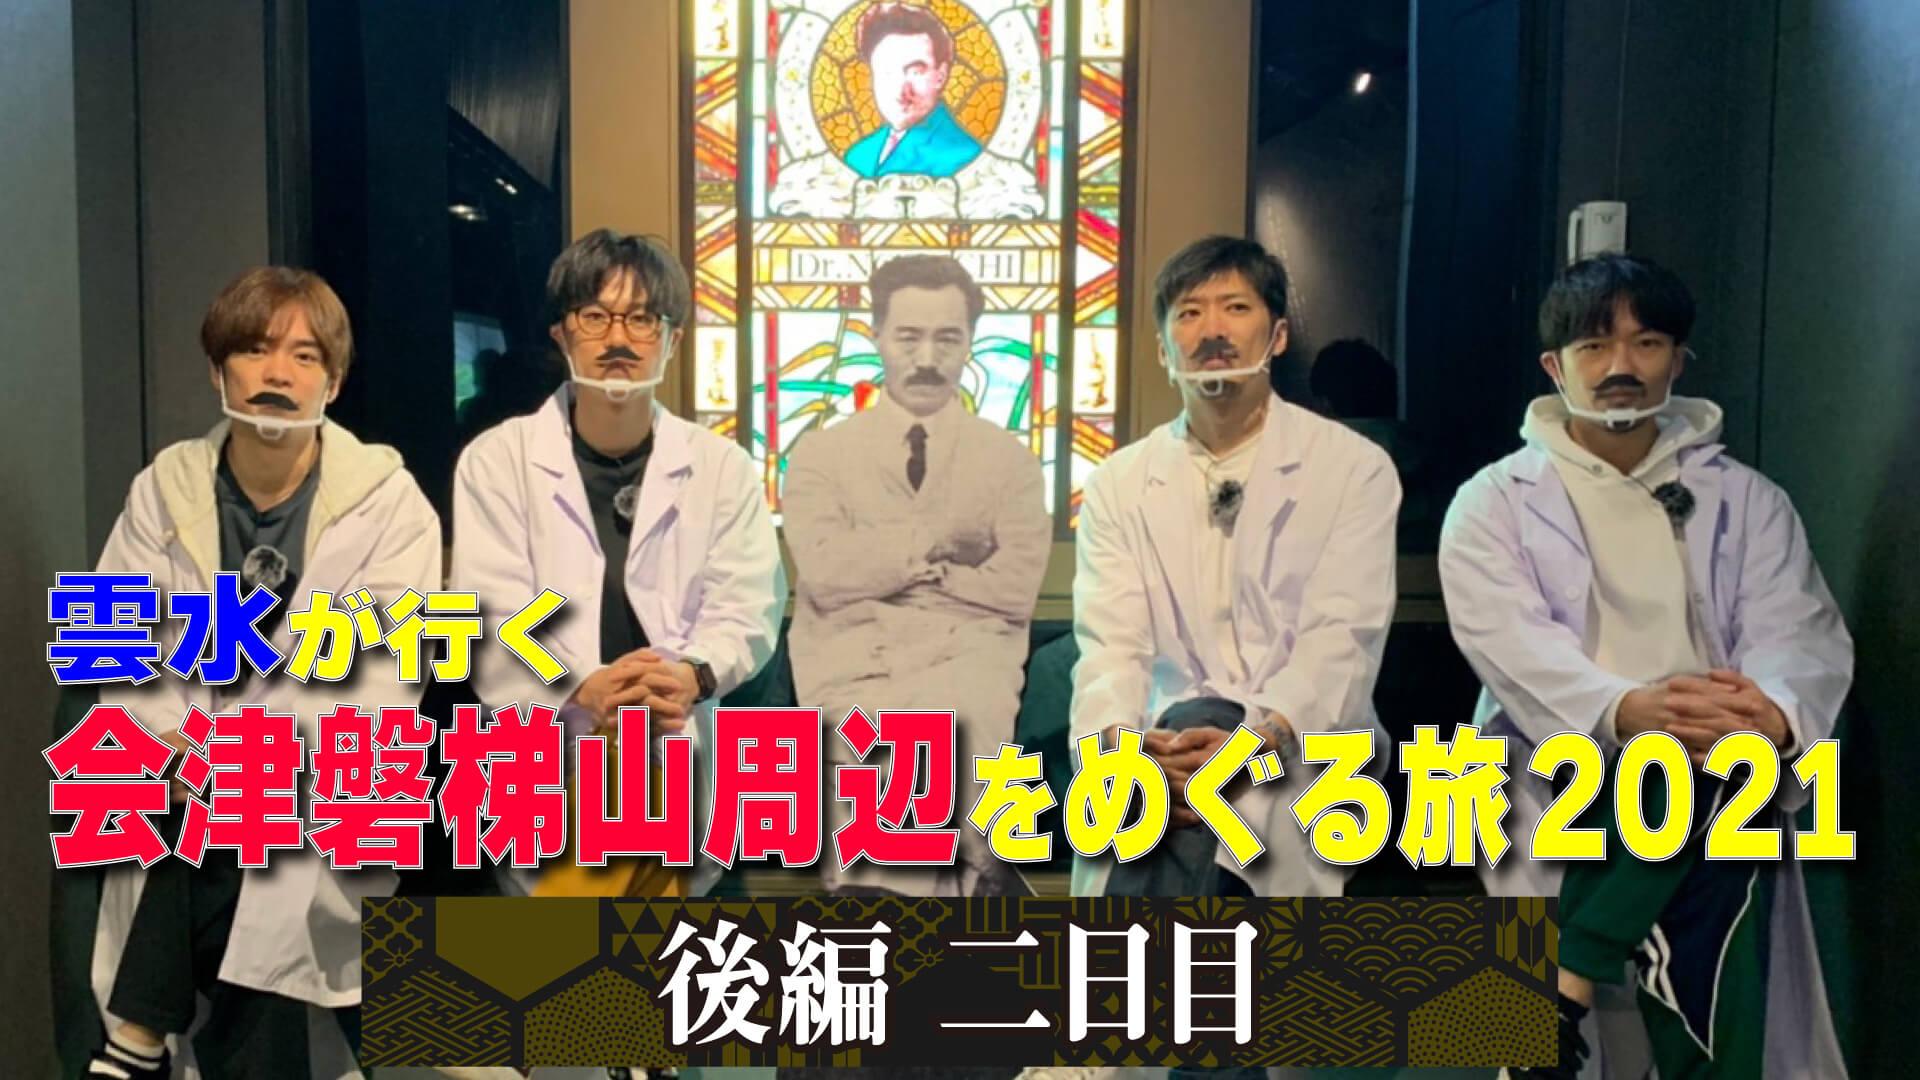 雲水が行く 会津磐梯山周辺をめぐる旅2021【後編】